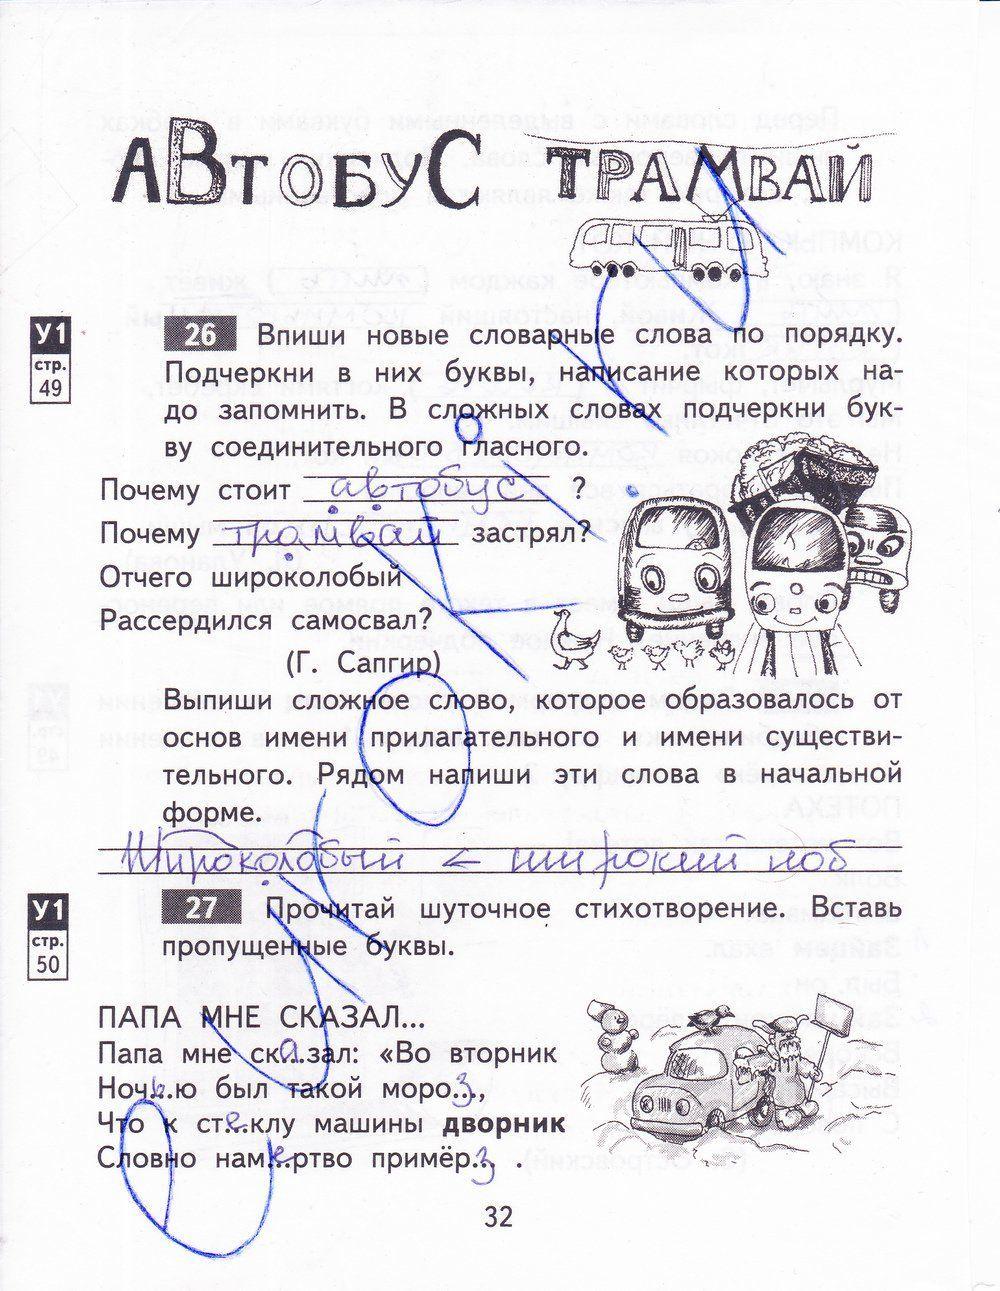 Ответы на практическую работу 7 по географии в.ю.пестушко г.ш.уварова 6 класс